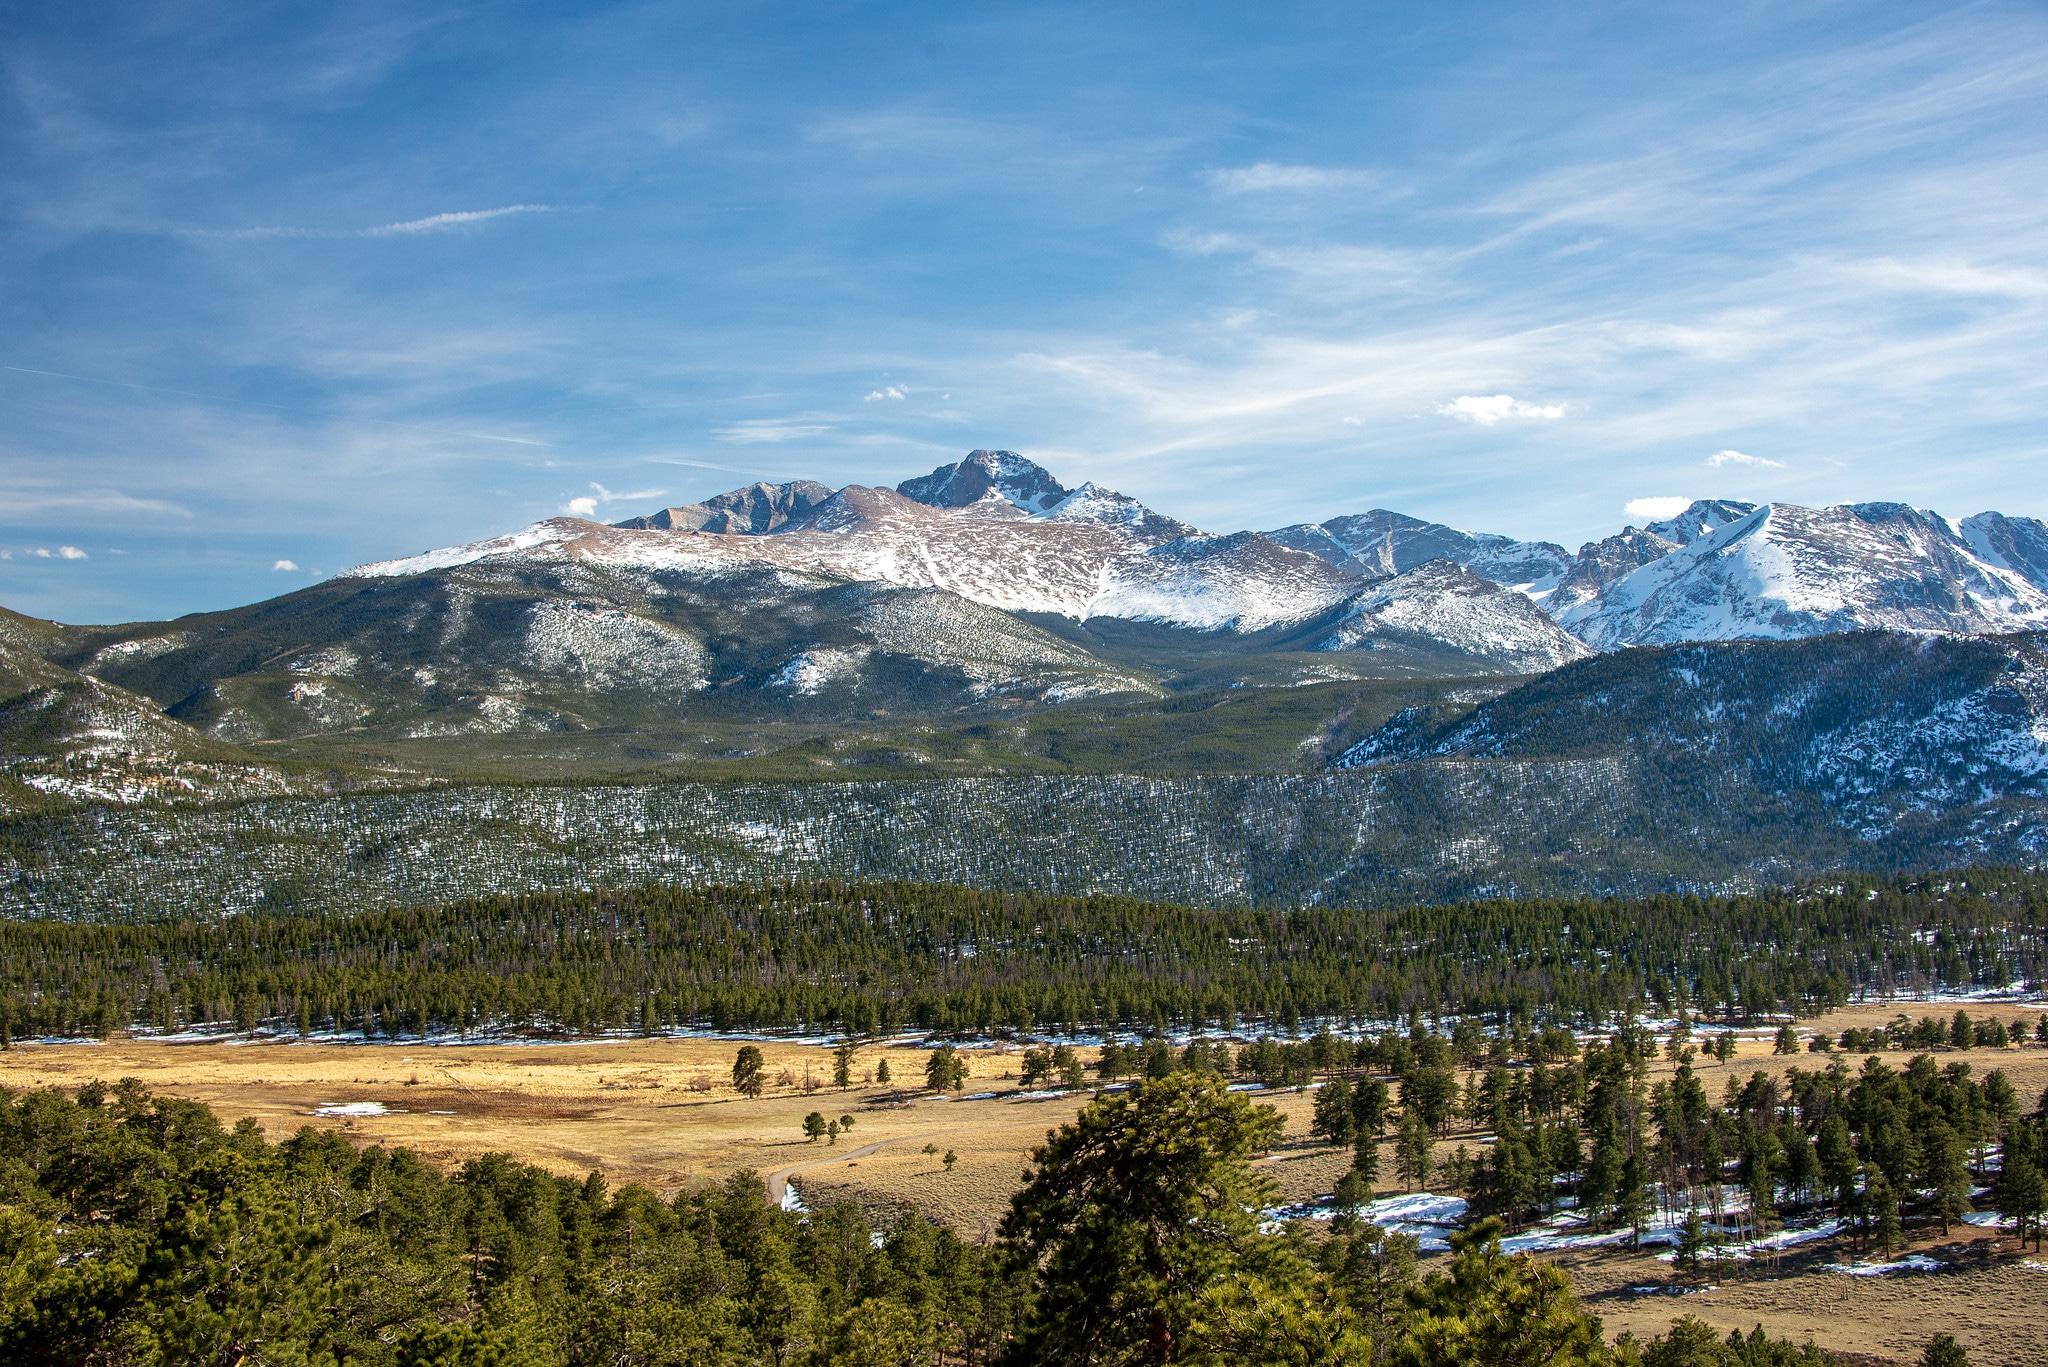 longs peak rocky mountain national park